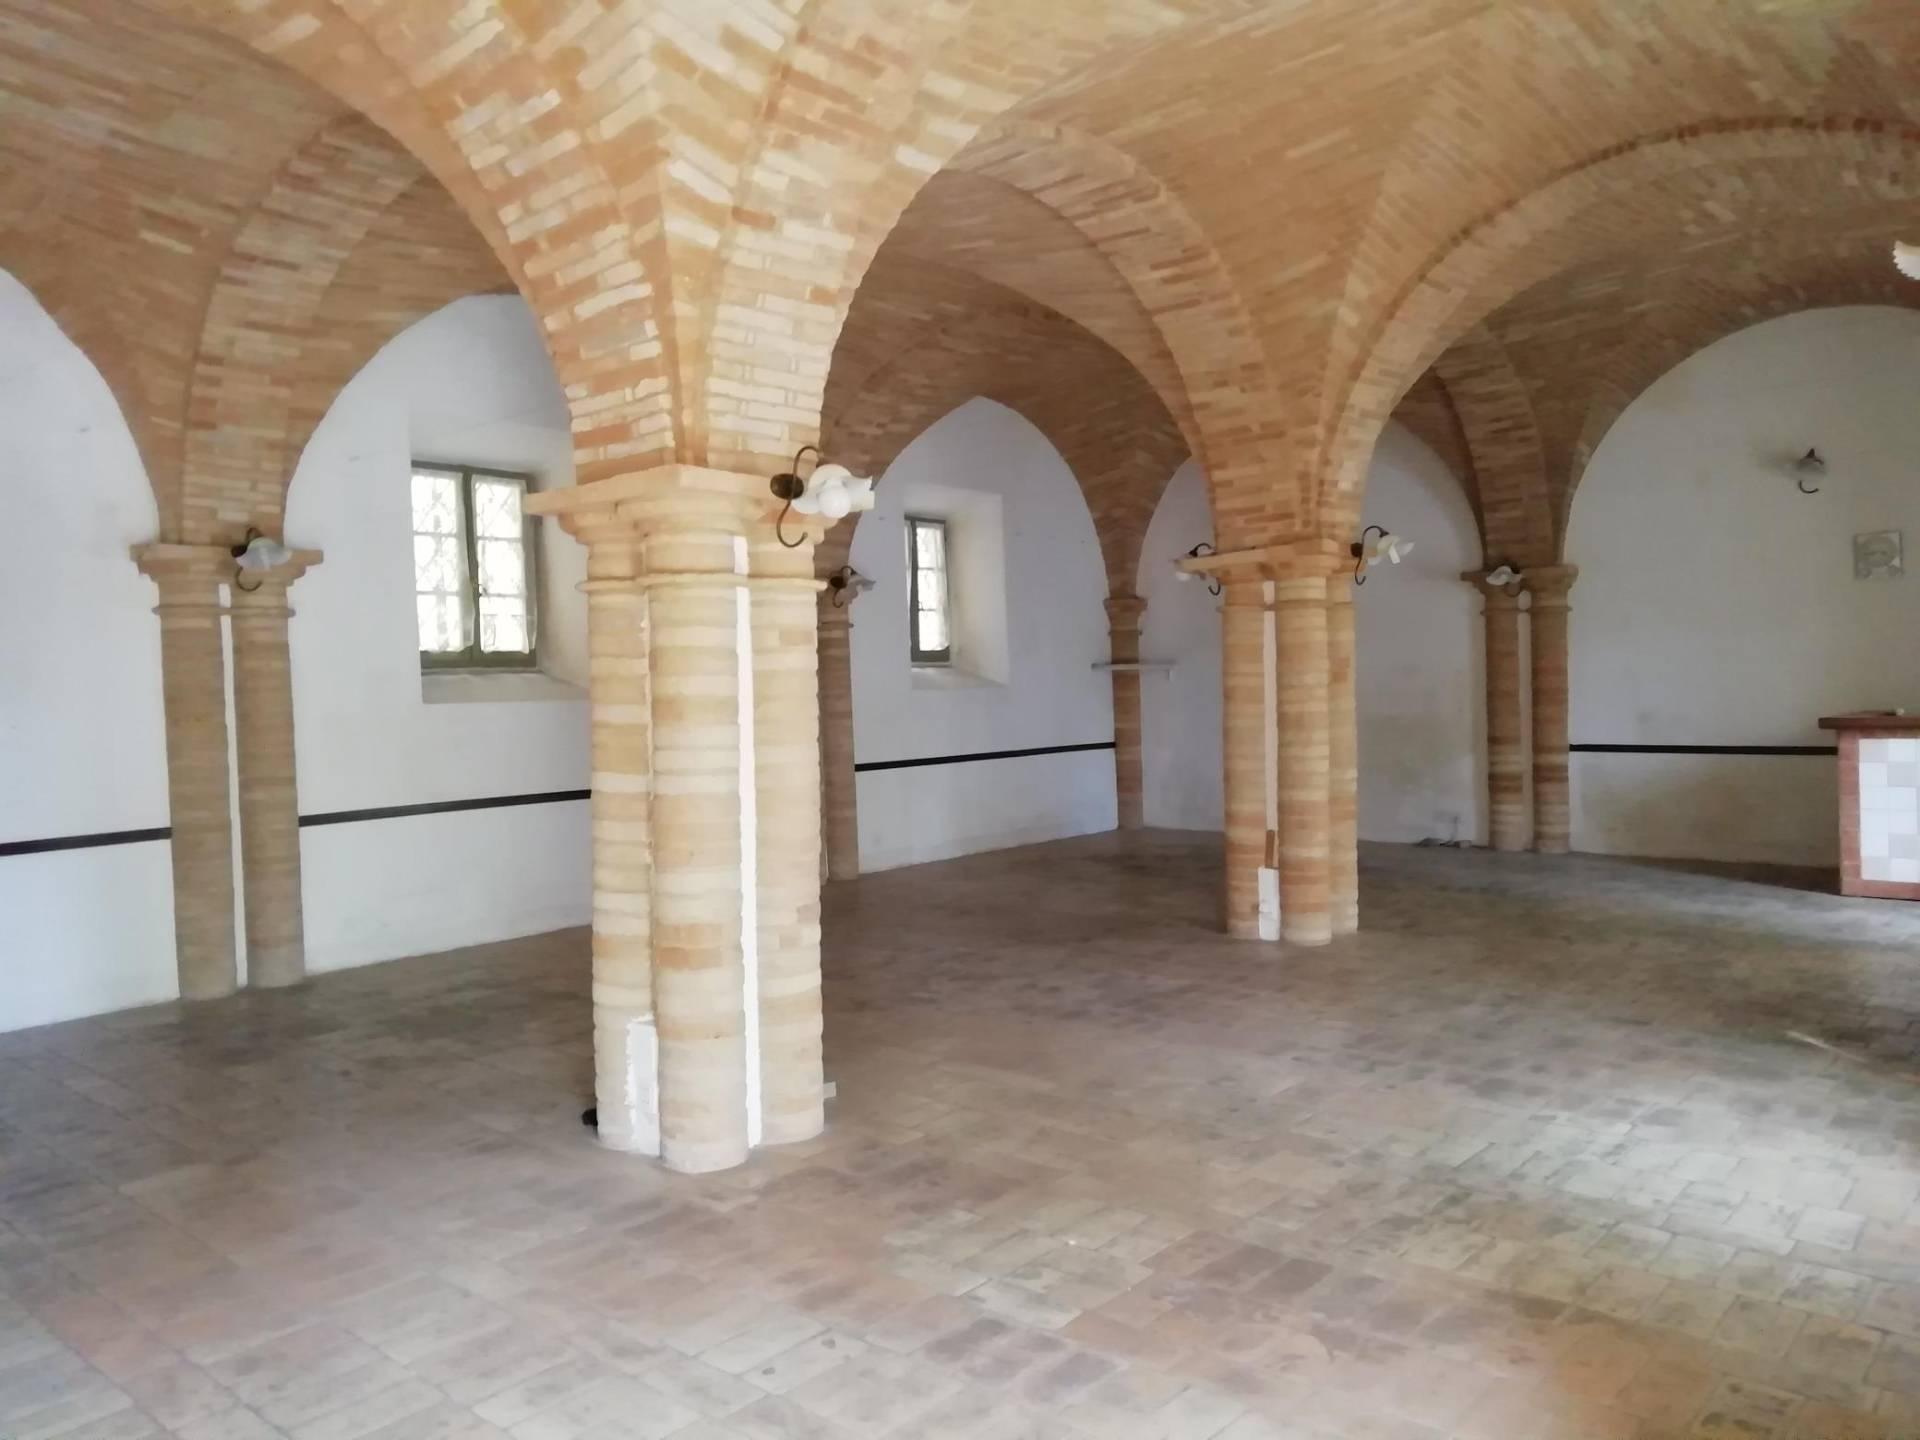 Ufficio in affitto a Osimo (AN)